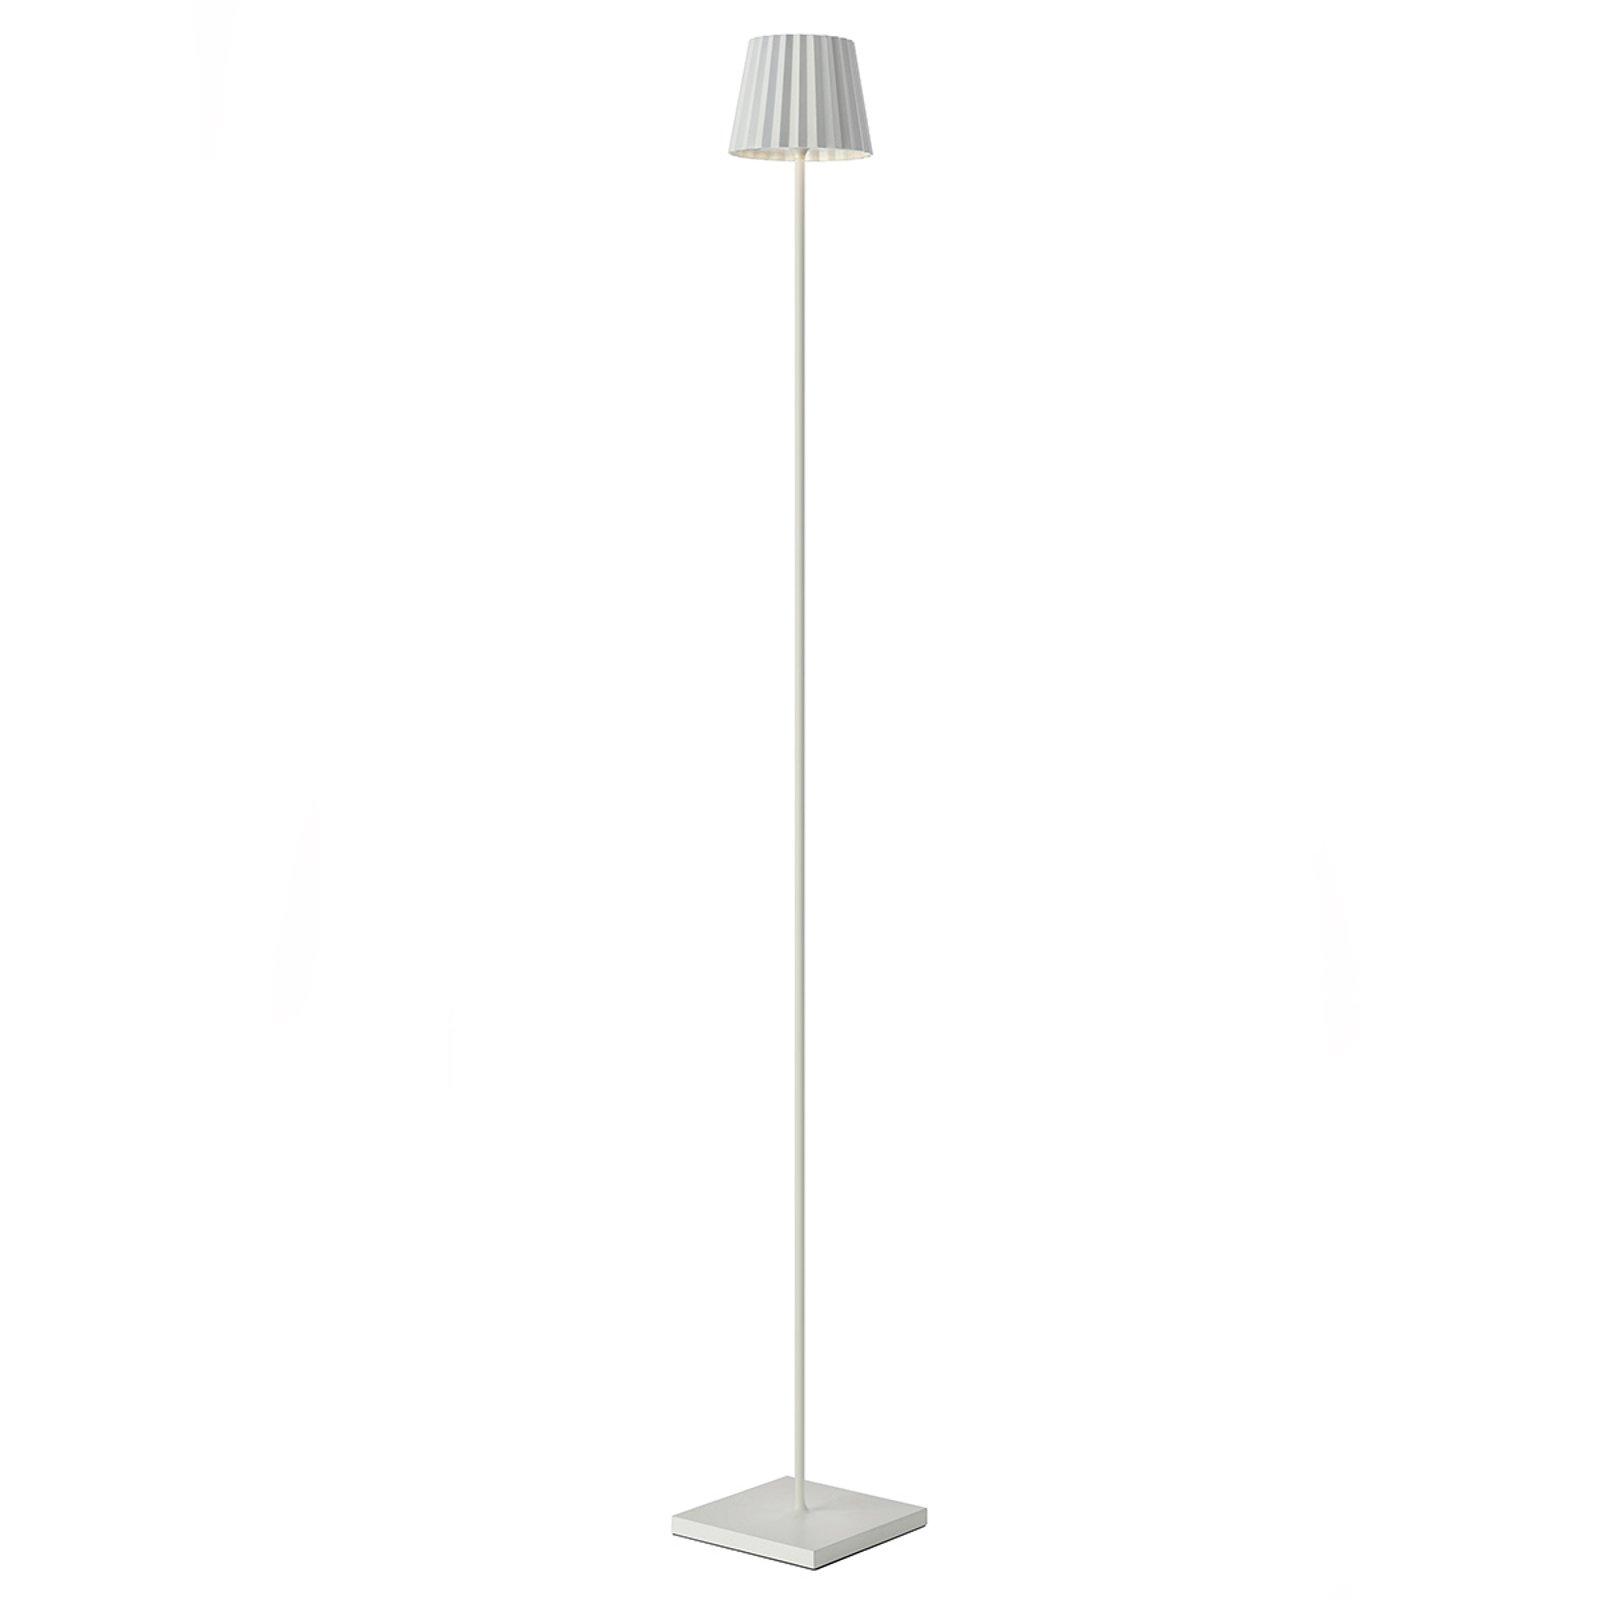 LED-gulvlampe Troll for utebruk, hvit